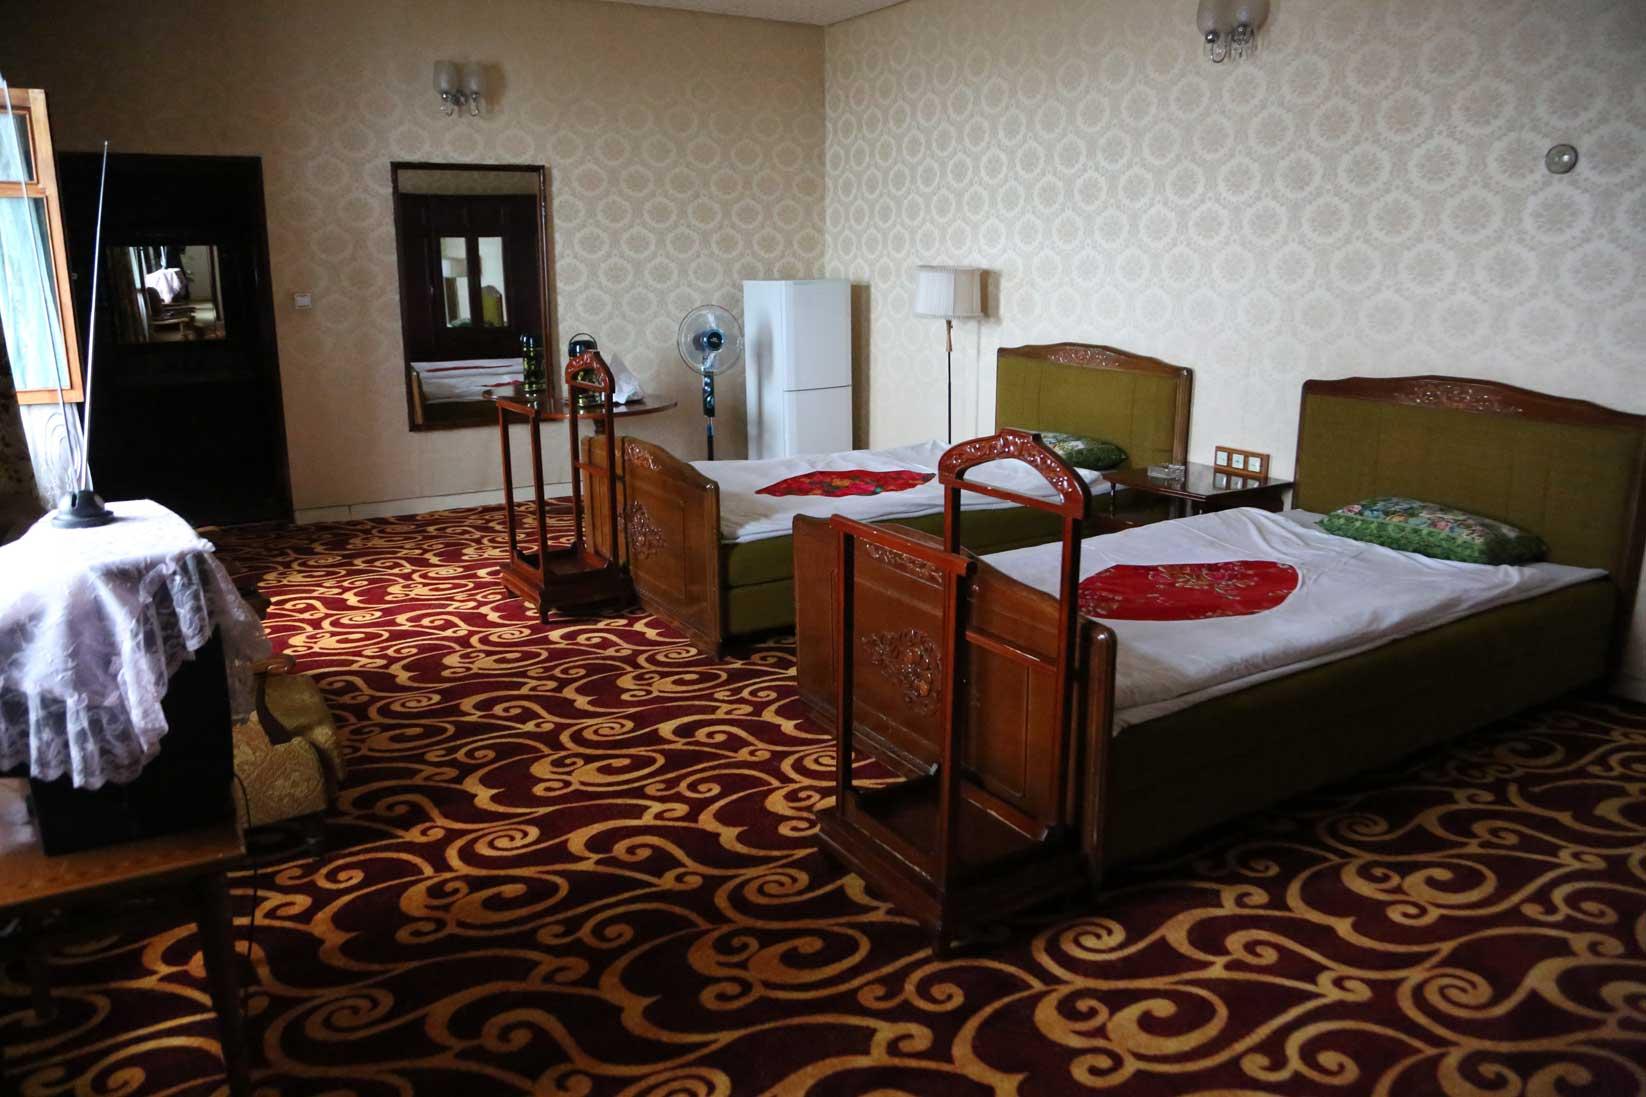 金日成の別荘(琵琶旅館)と旧羅津ヤマトホテル(南山旅館)_b0235153_9401680.jpg